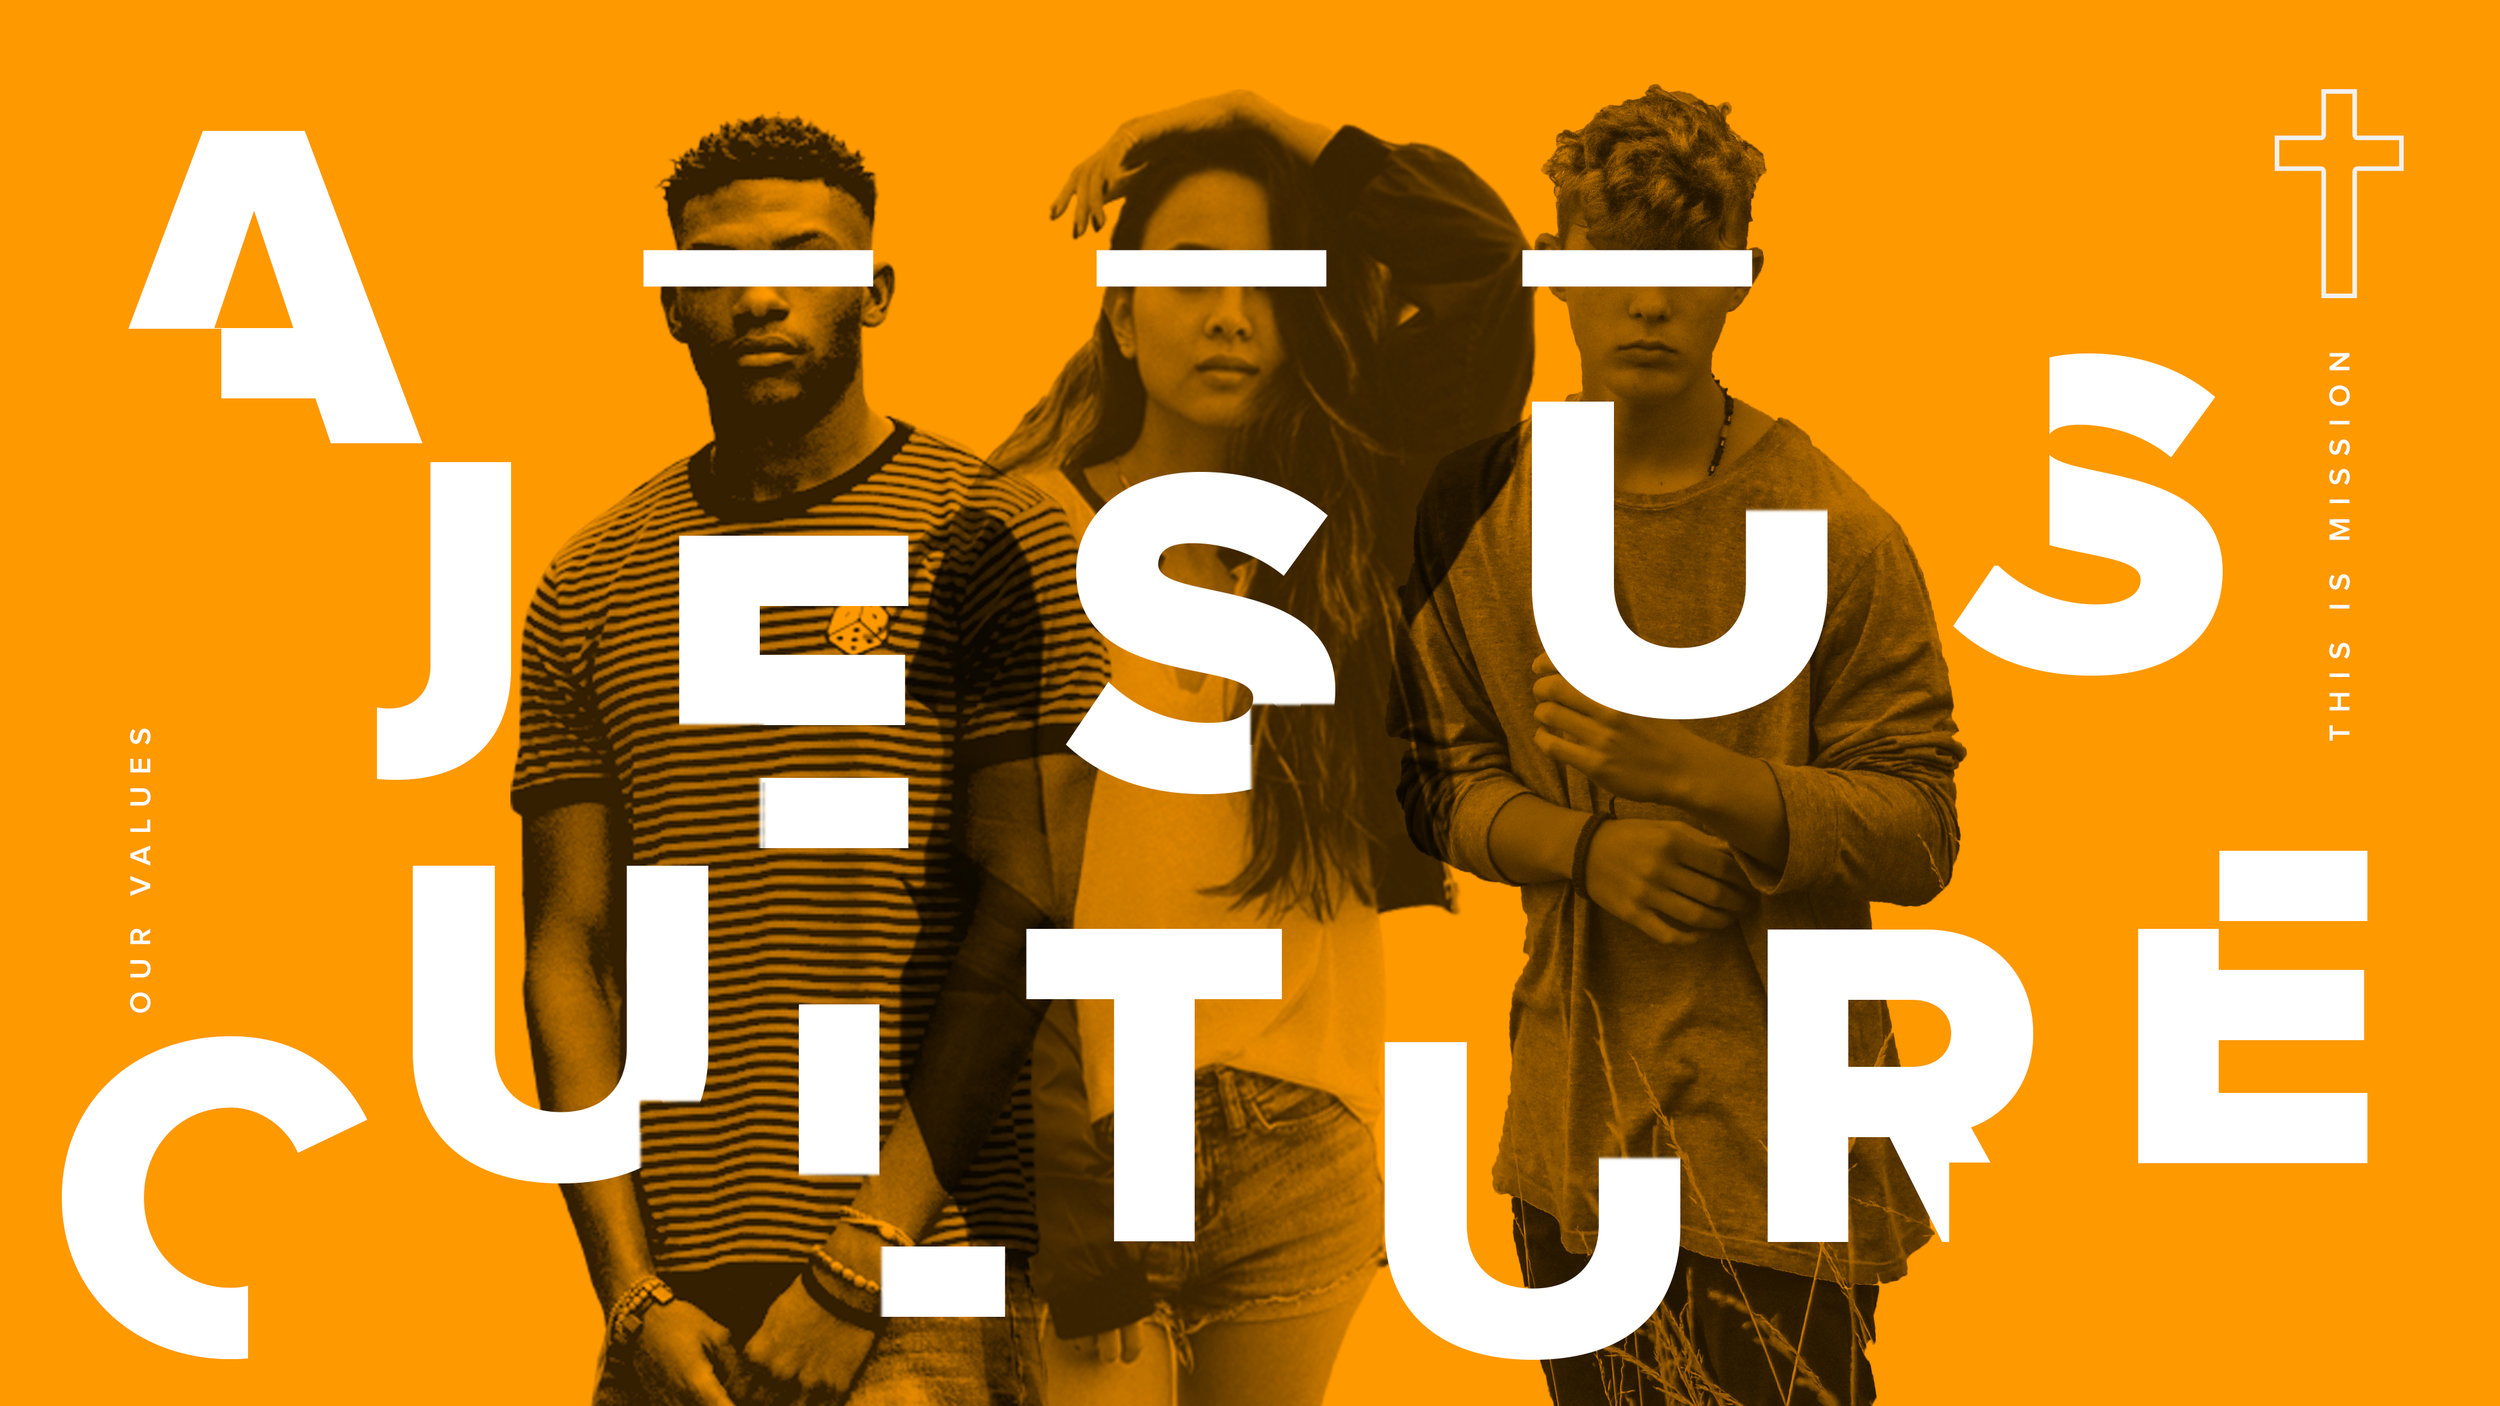 A_Jesus_Culture_title_orange.jpg